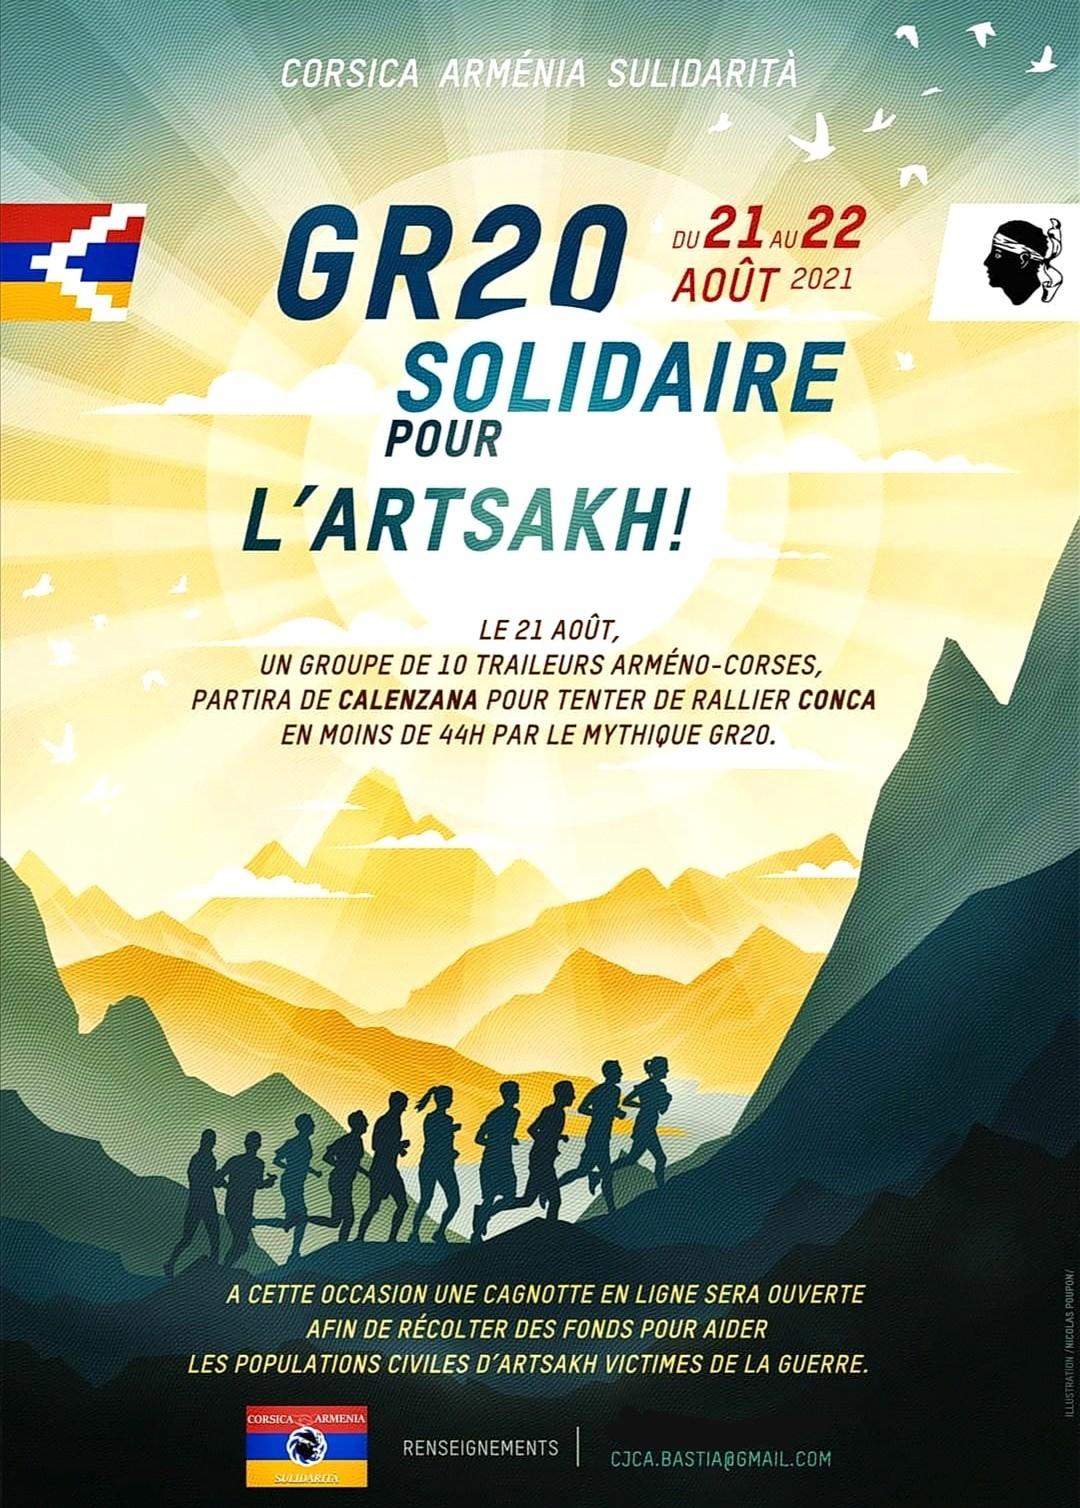 Du 21 au 22 août  prochains  GR20 Solidaire pour l'Artsakh